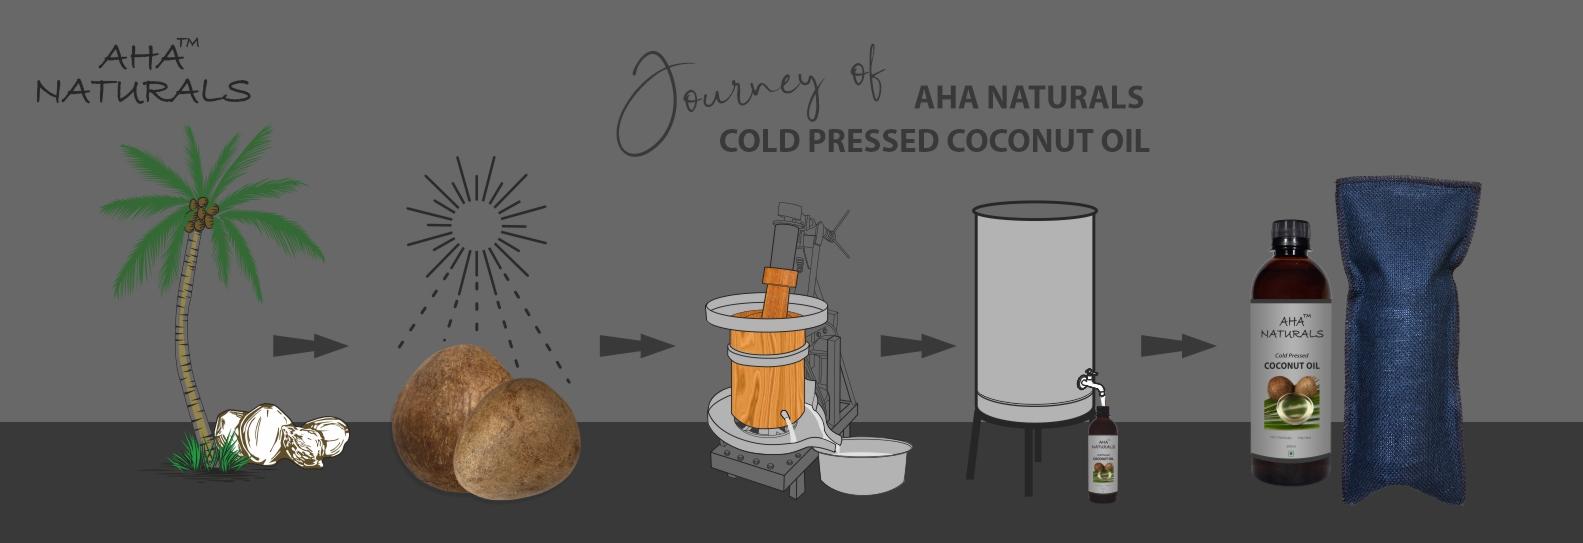 aha naturals cold pressed coconut oil